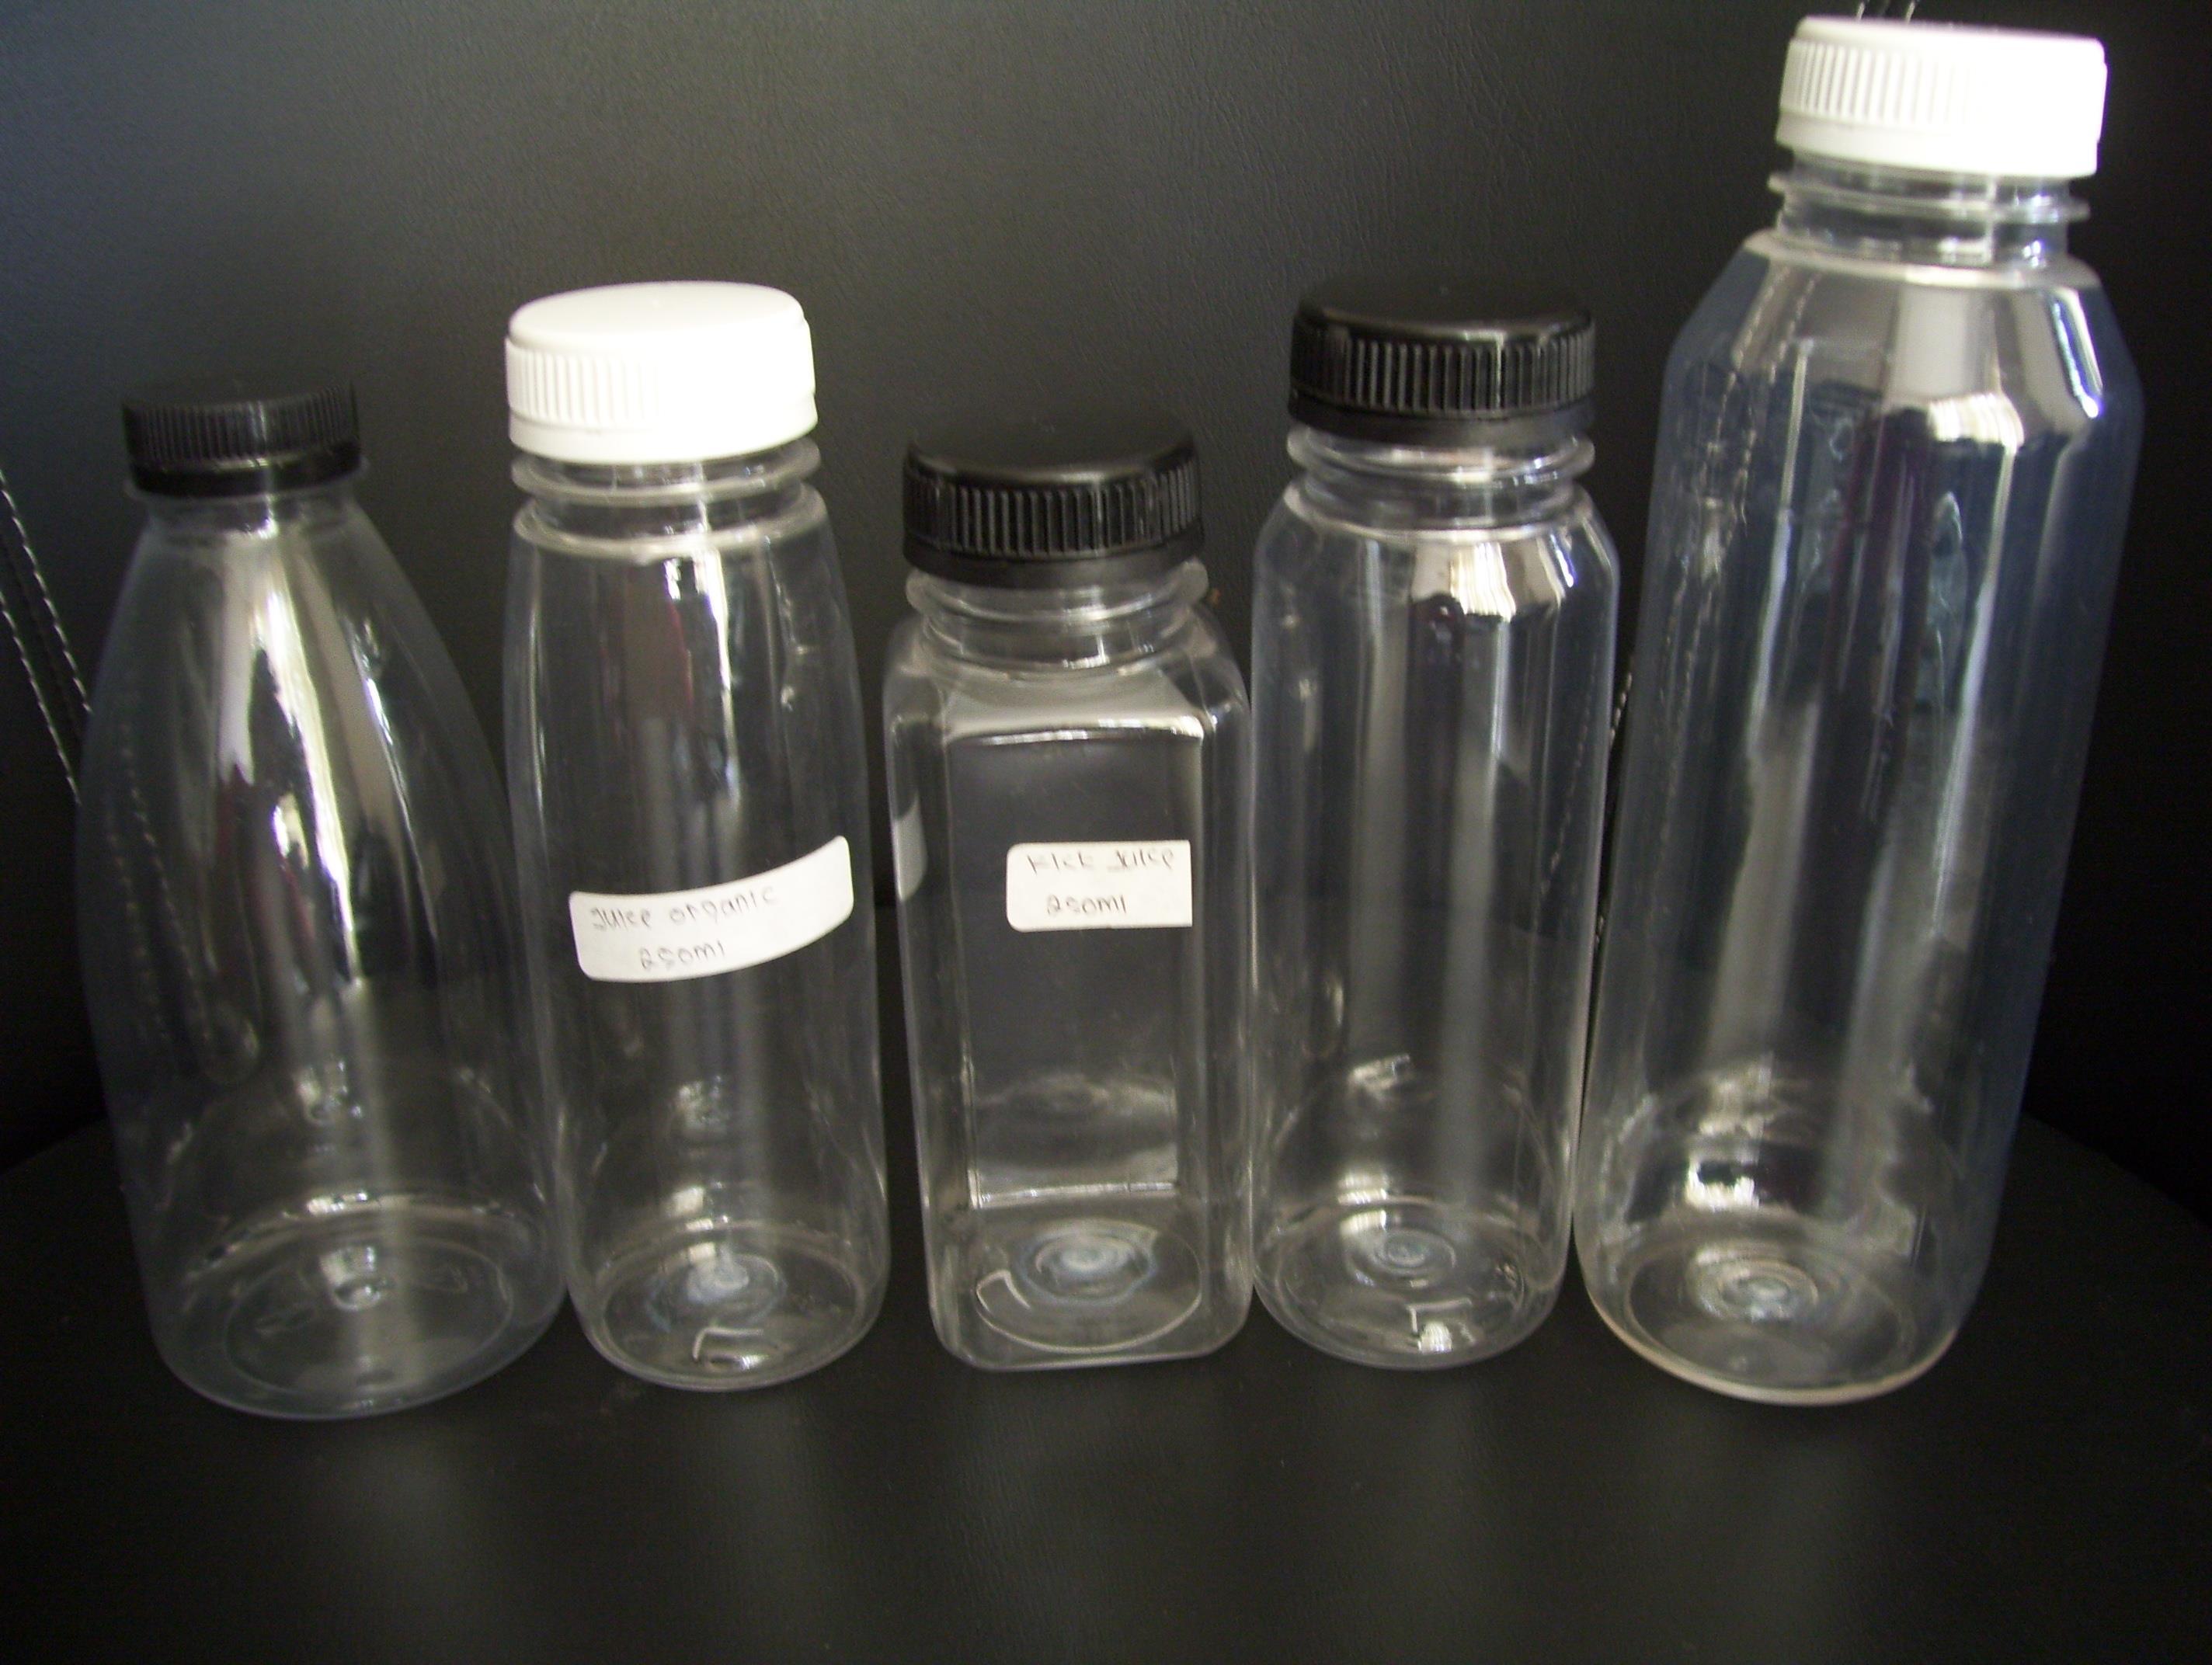 Jual Botol Minuman Ukuran 250ml Harga Murah Surabaya Oleh